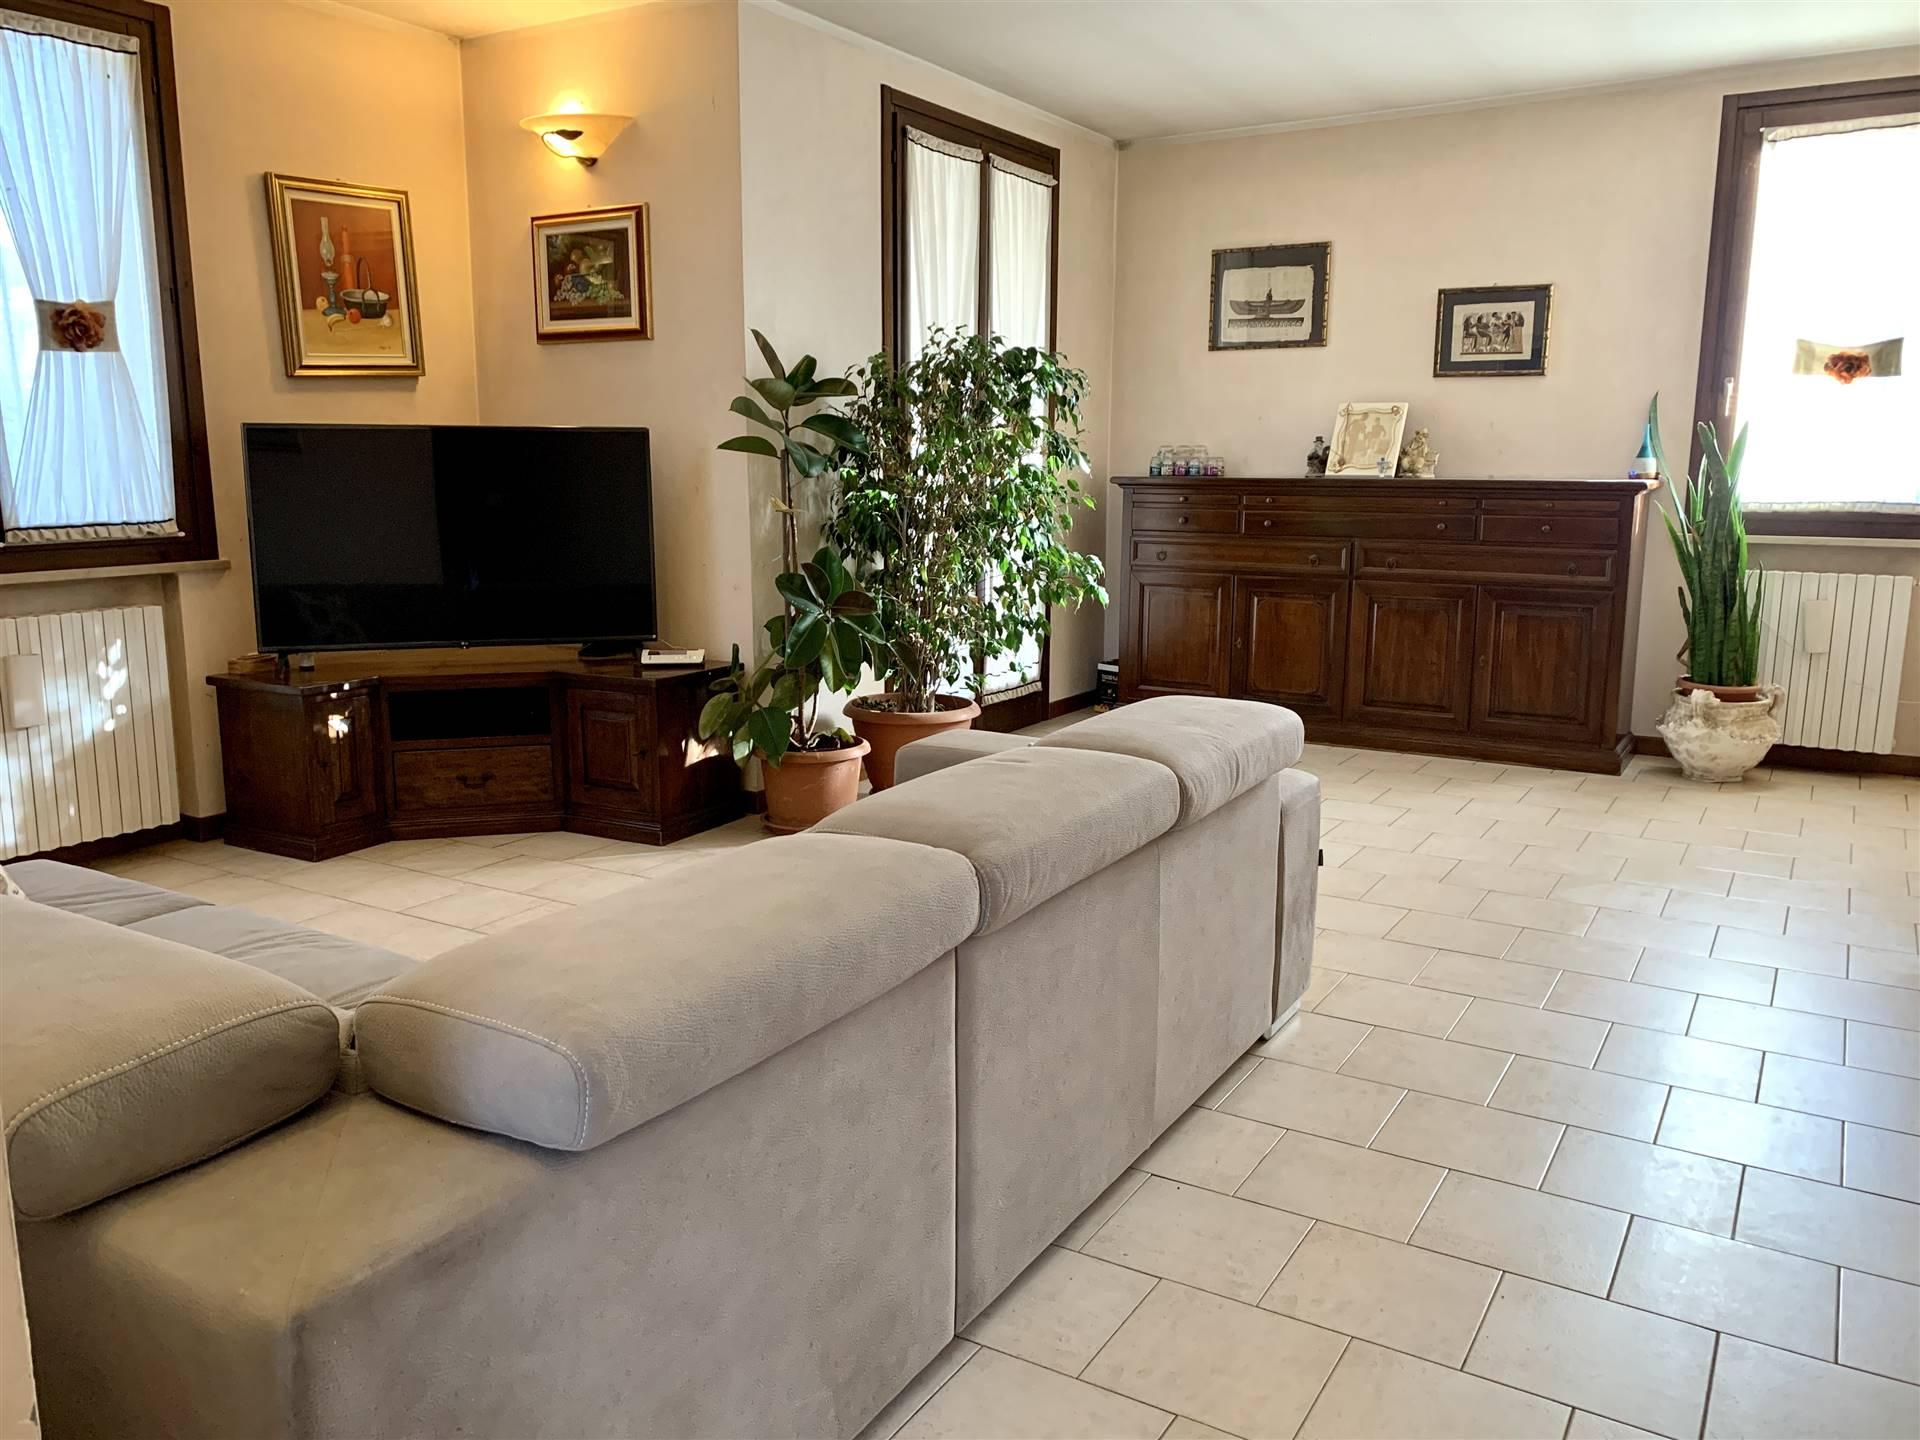 Villa Bifamiliare in vendita a Bagnolo San Vito, 6 locali, prezzo € 165.000 | CambioCasa.it